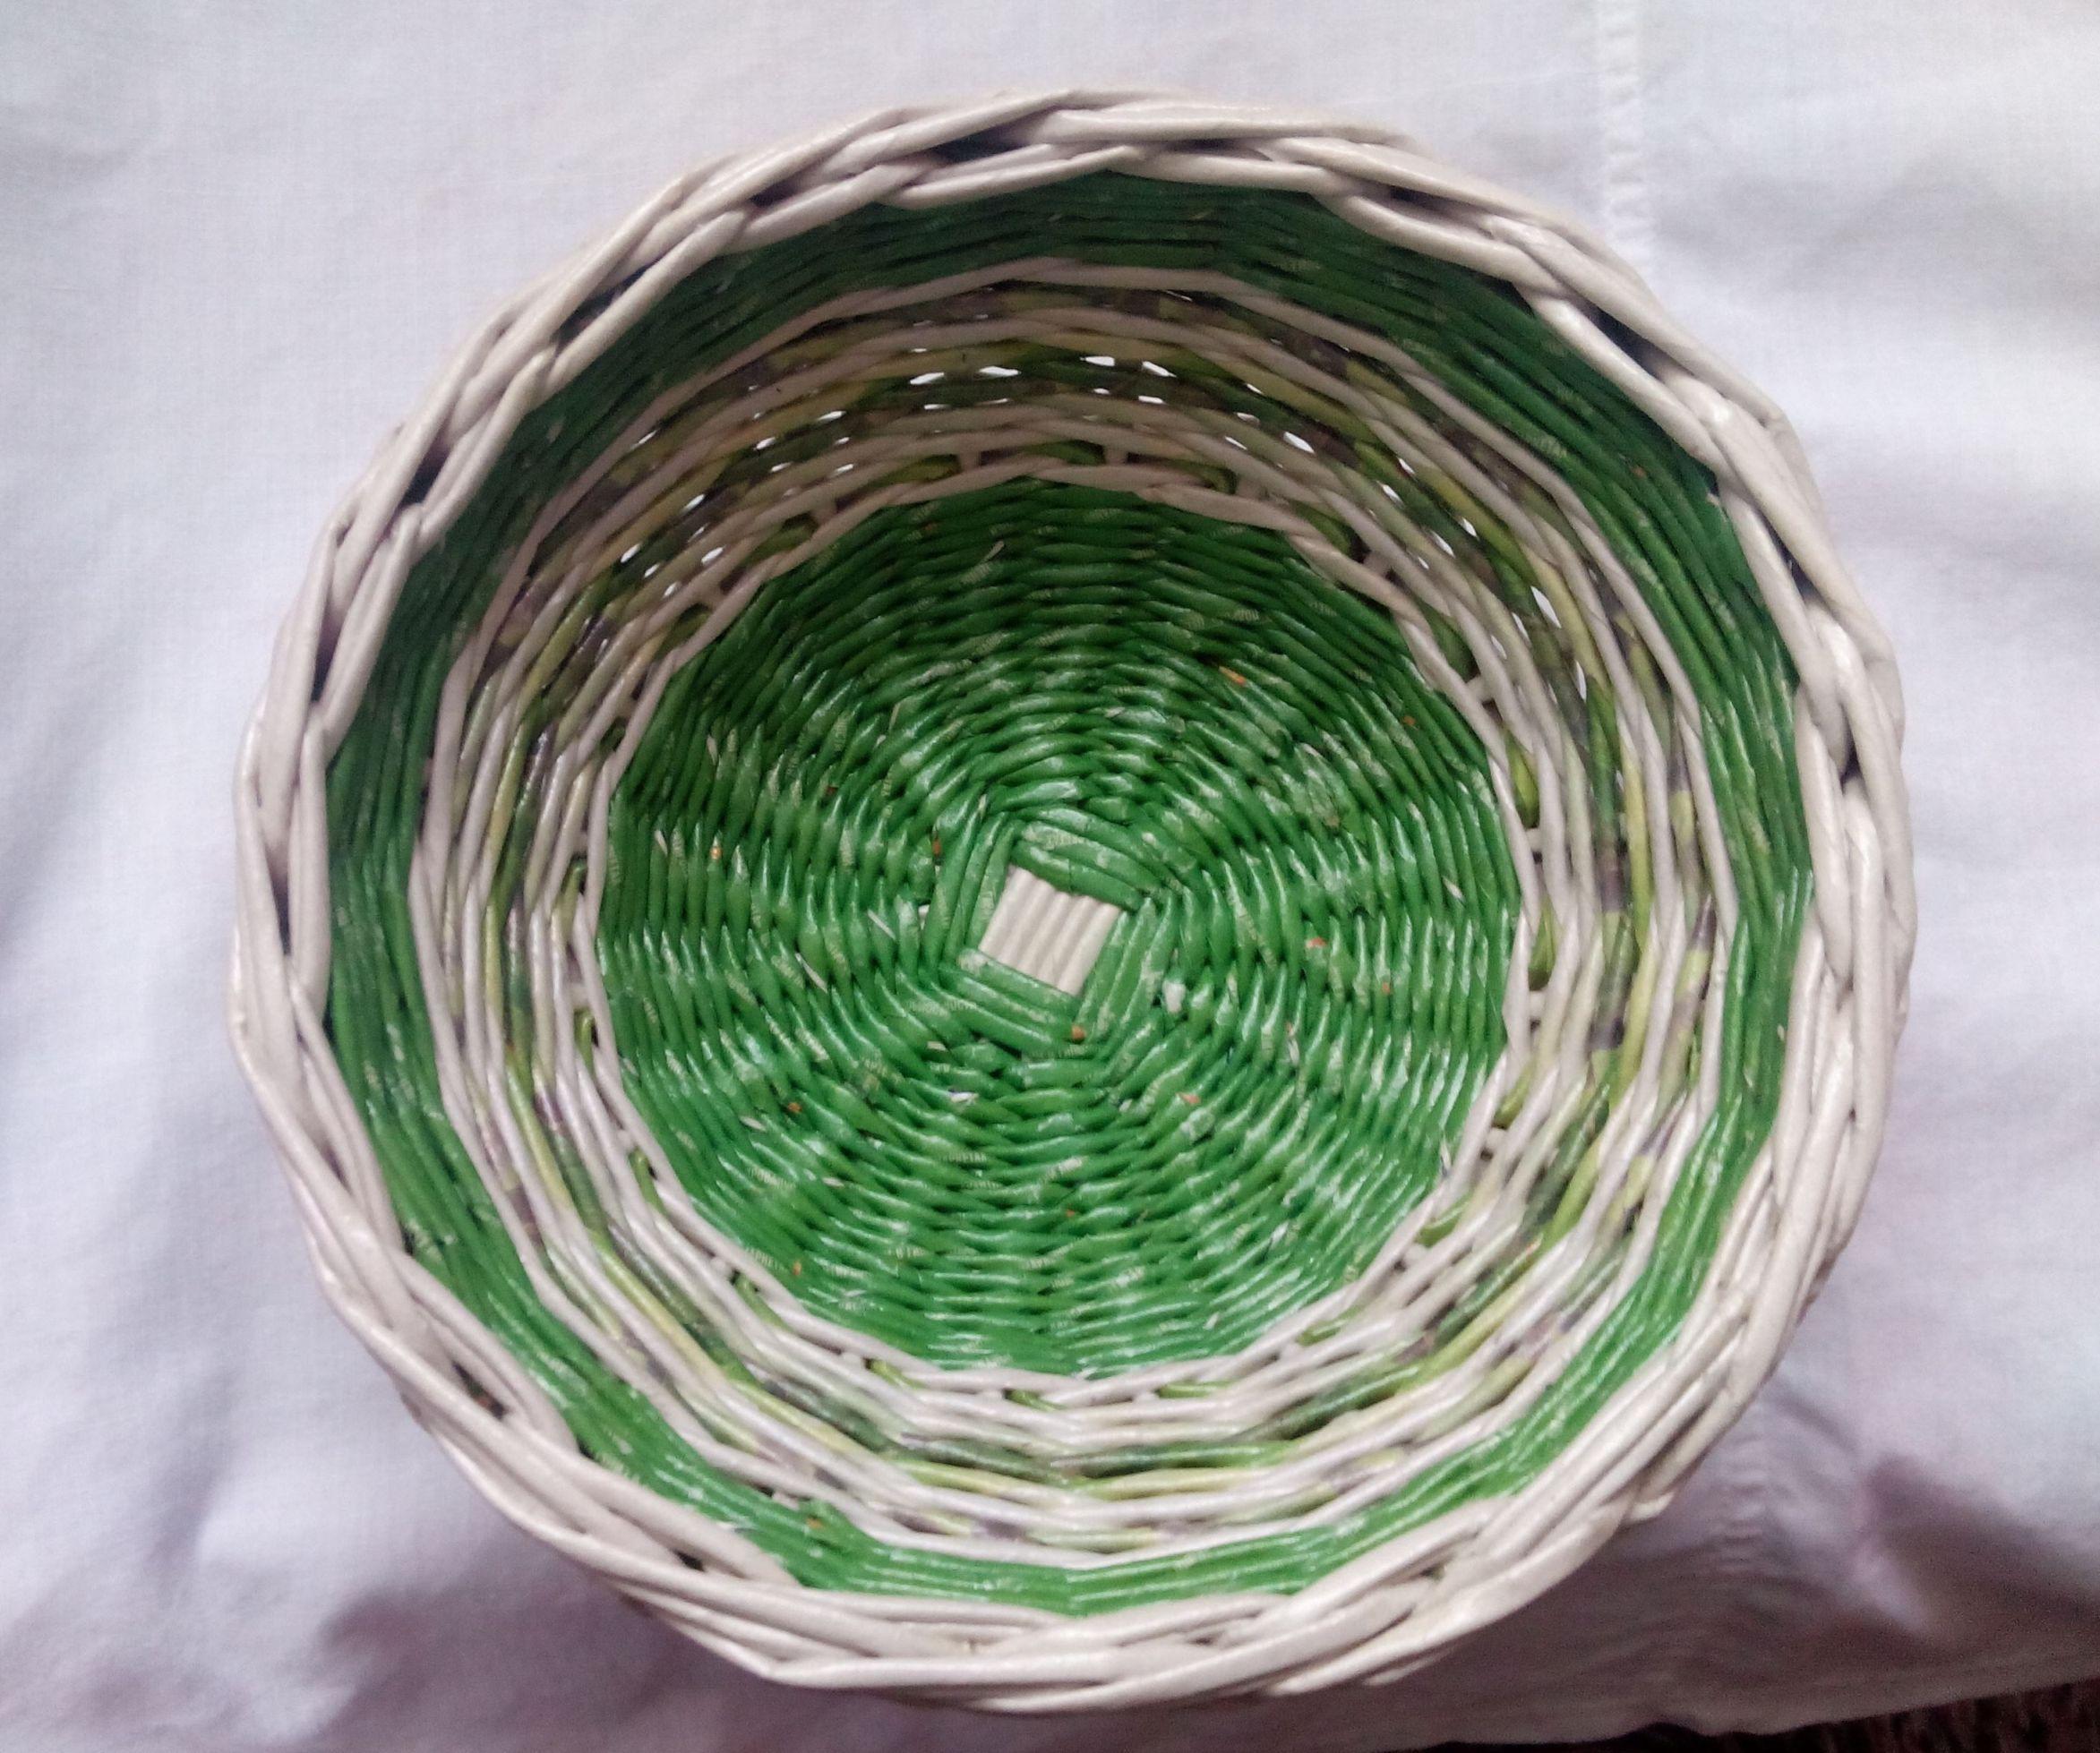 газетная тарелки газетных блюда трубочек посуда дома утварь и лоза подарки изделия декоративная для оригинальные кухня интерьер из бумажные кухонная плетеные